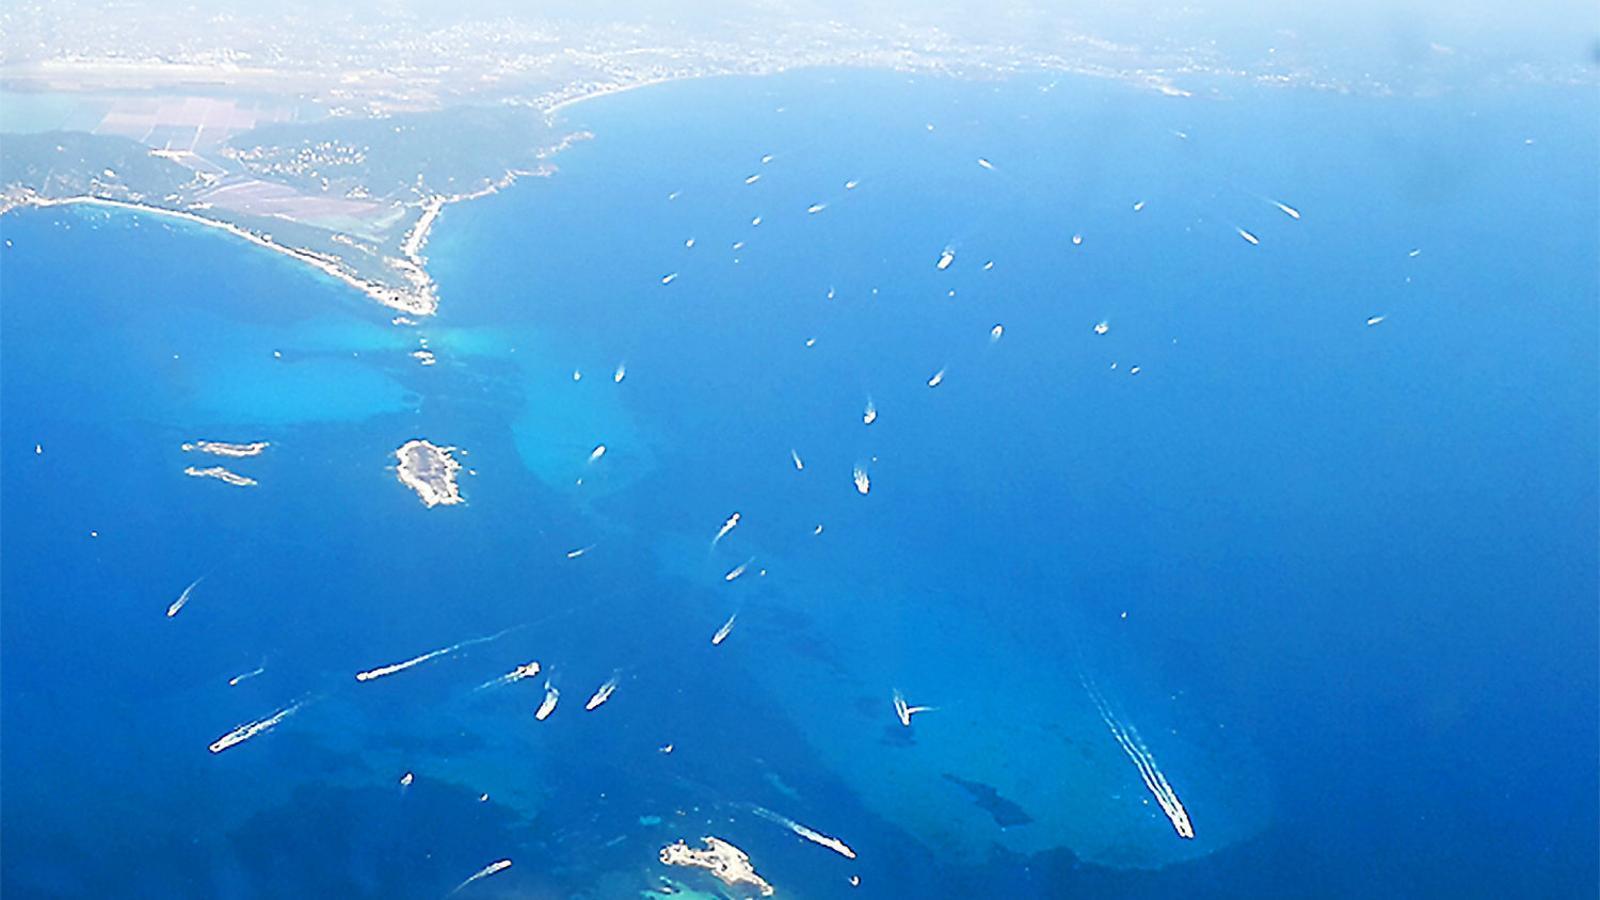 Imatge aèria de la zona del Freu, entre l'illa de Formentera i Eivissa, que forma part del Parc Natural de ses Salines.